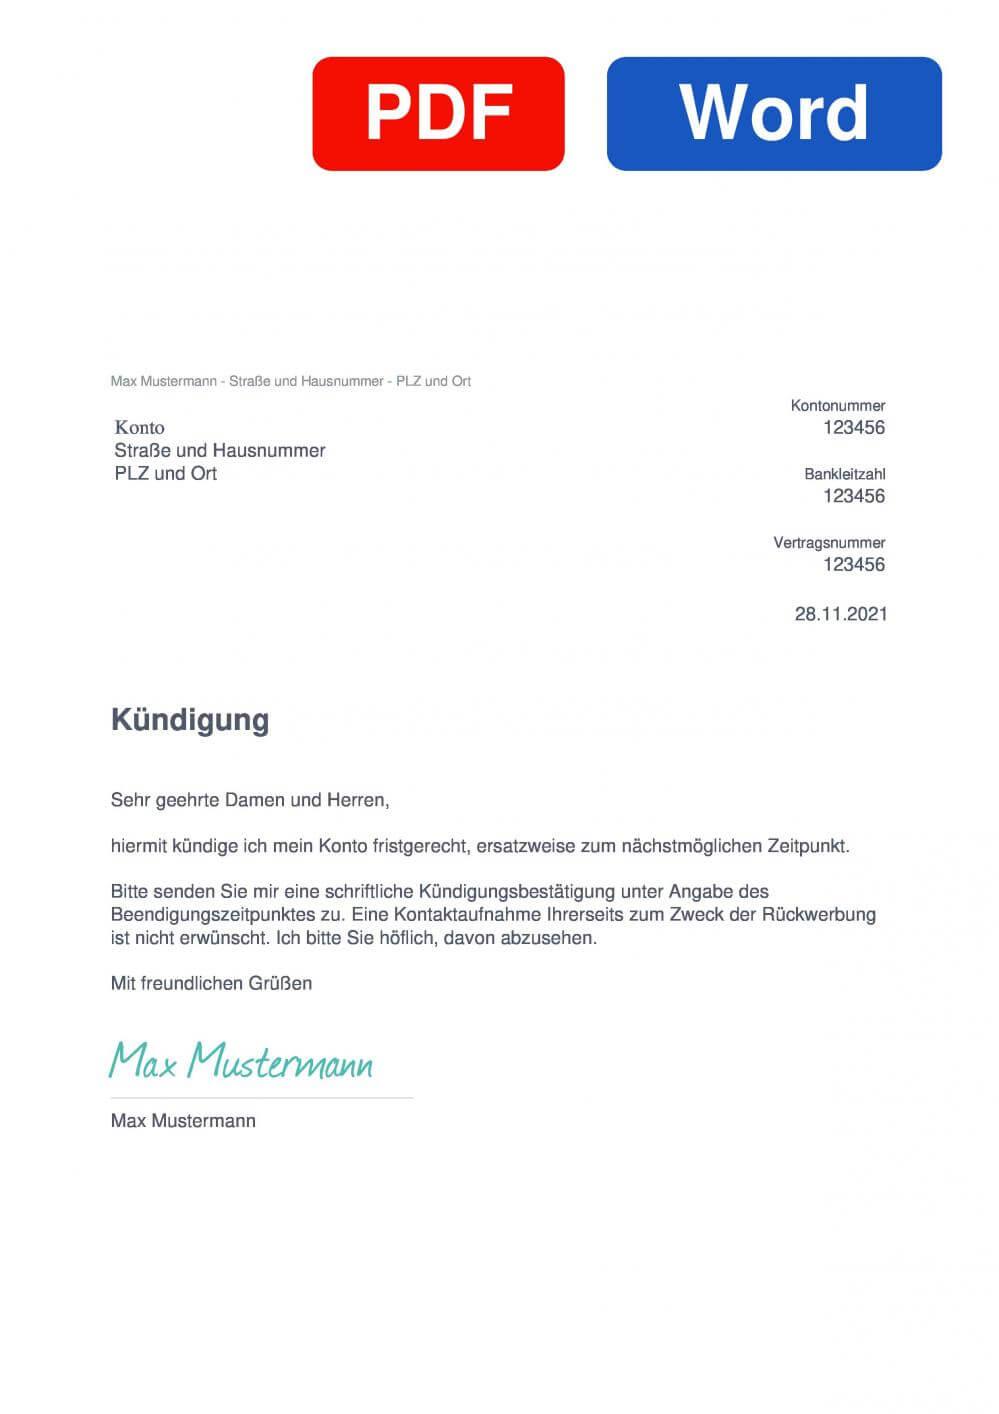 Konto Muster Vorlage für Kündigungsschreiben